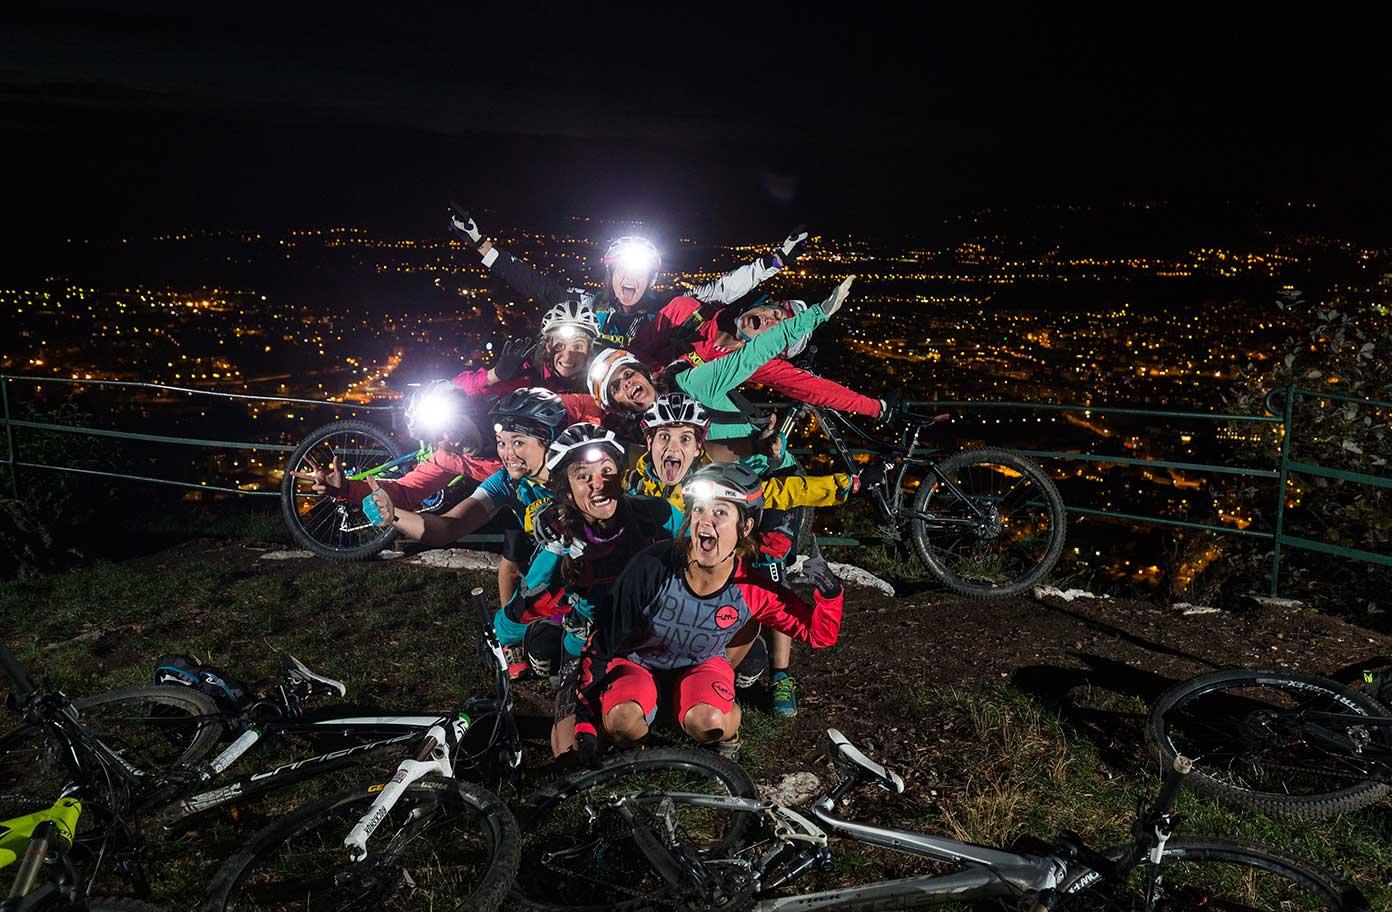 equipe-bikettes-annecy-bike-girl-team-velo-vtt-equipe-fille